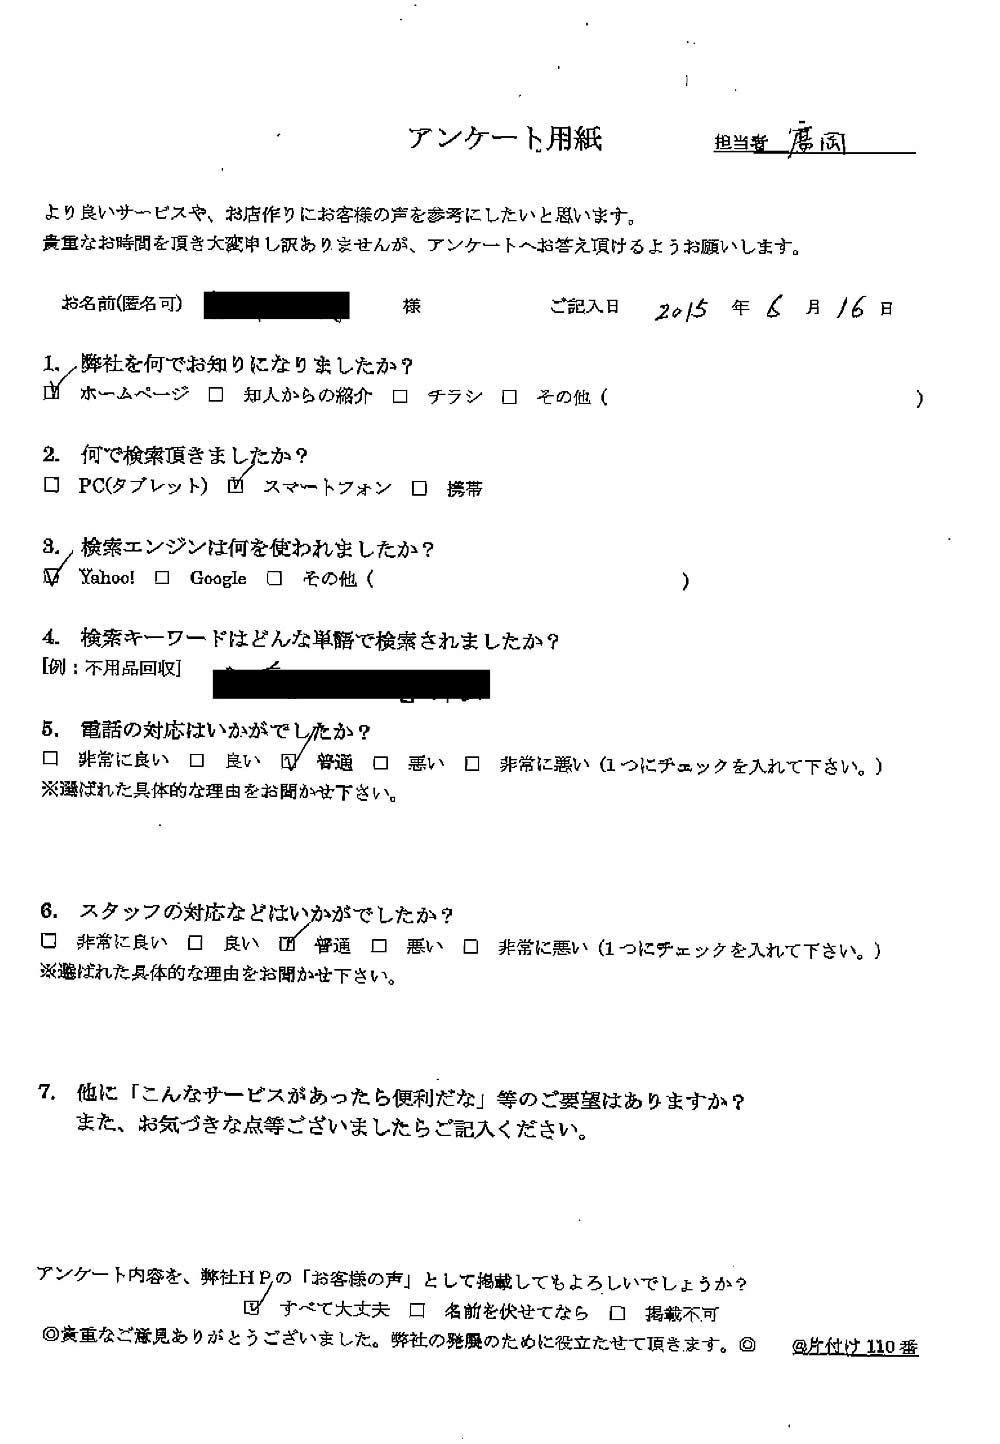 【津山市】お引っ越しに伴う耐火金庫の回収☆質問にも答えてもらって良かったとお喜びいただけました!